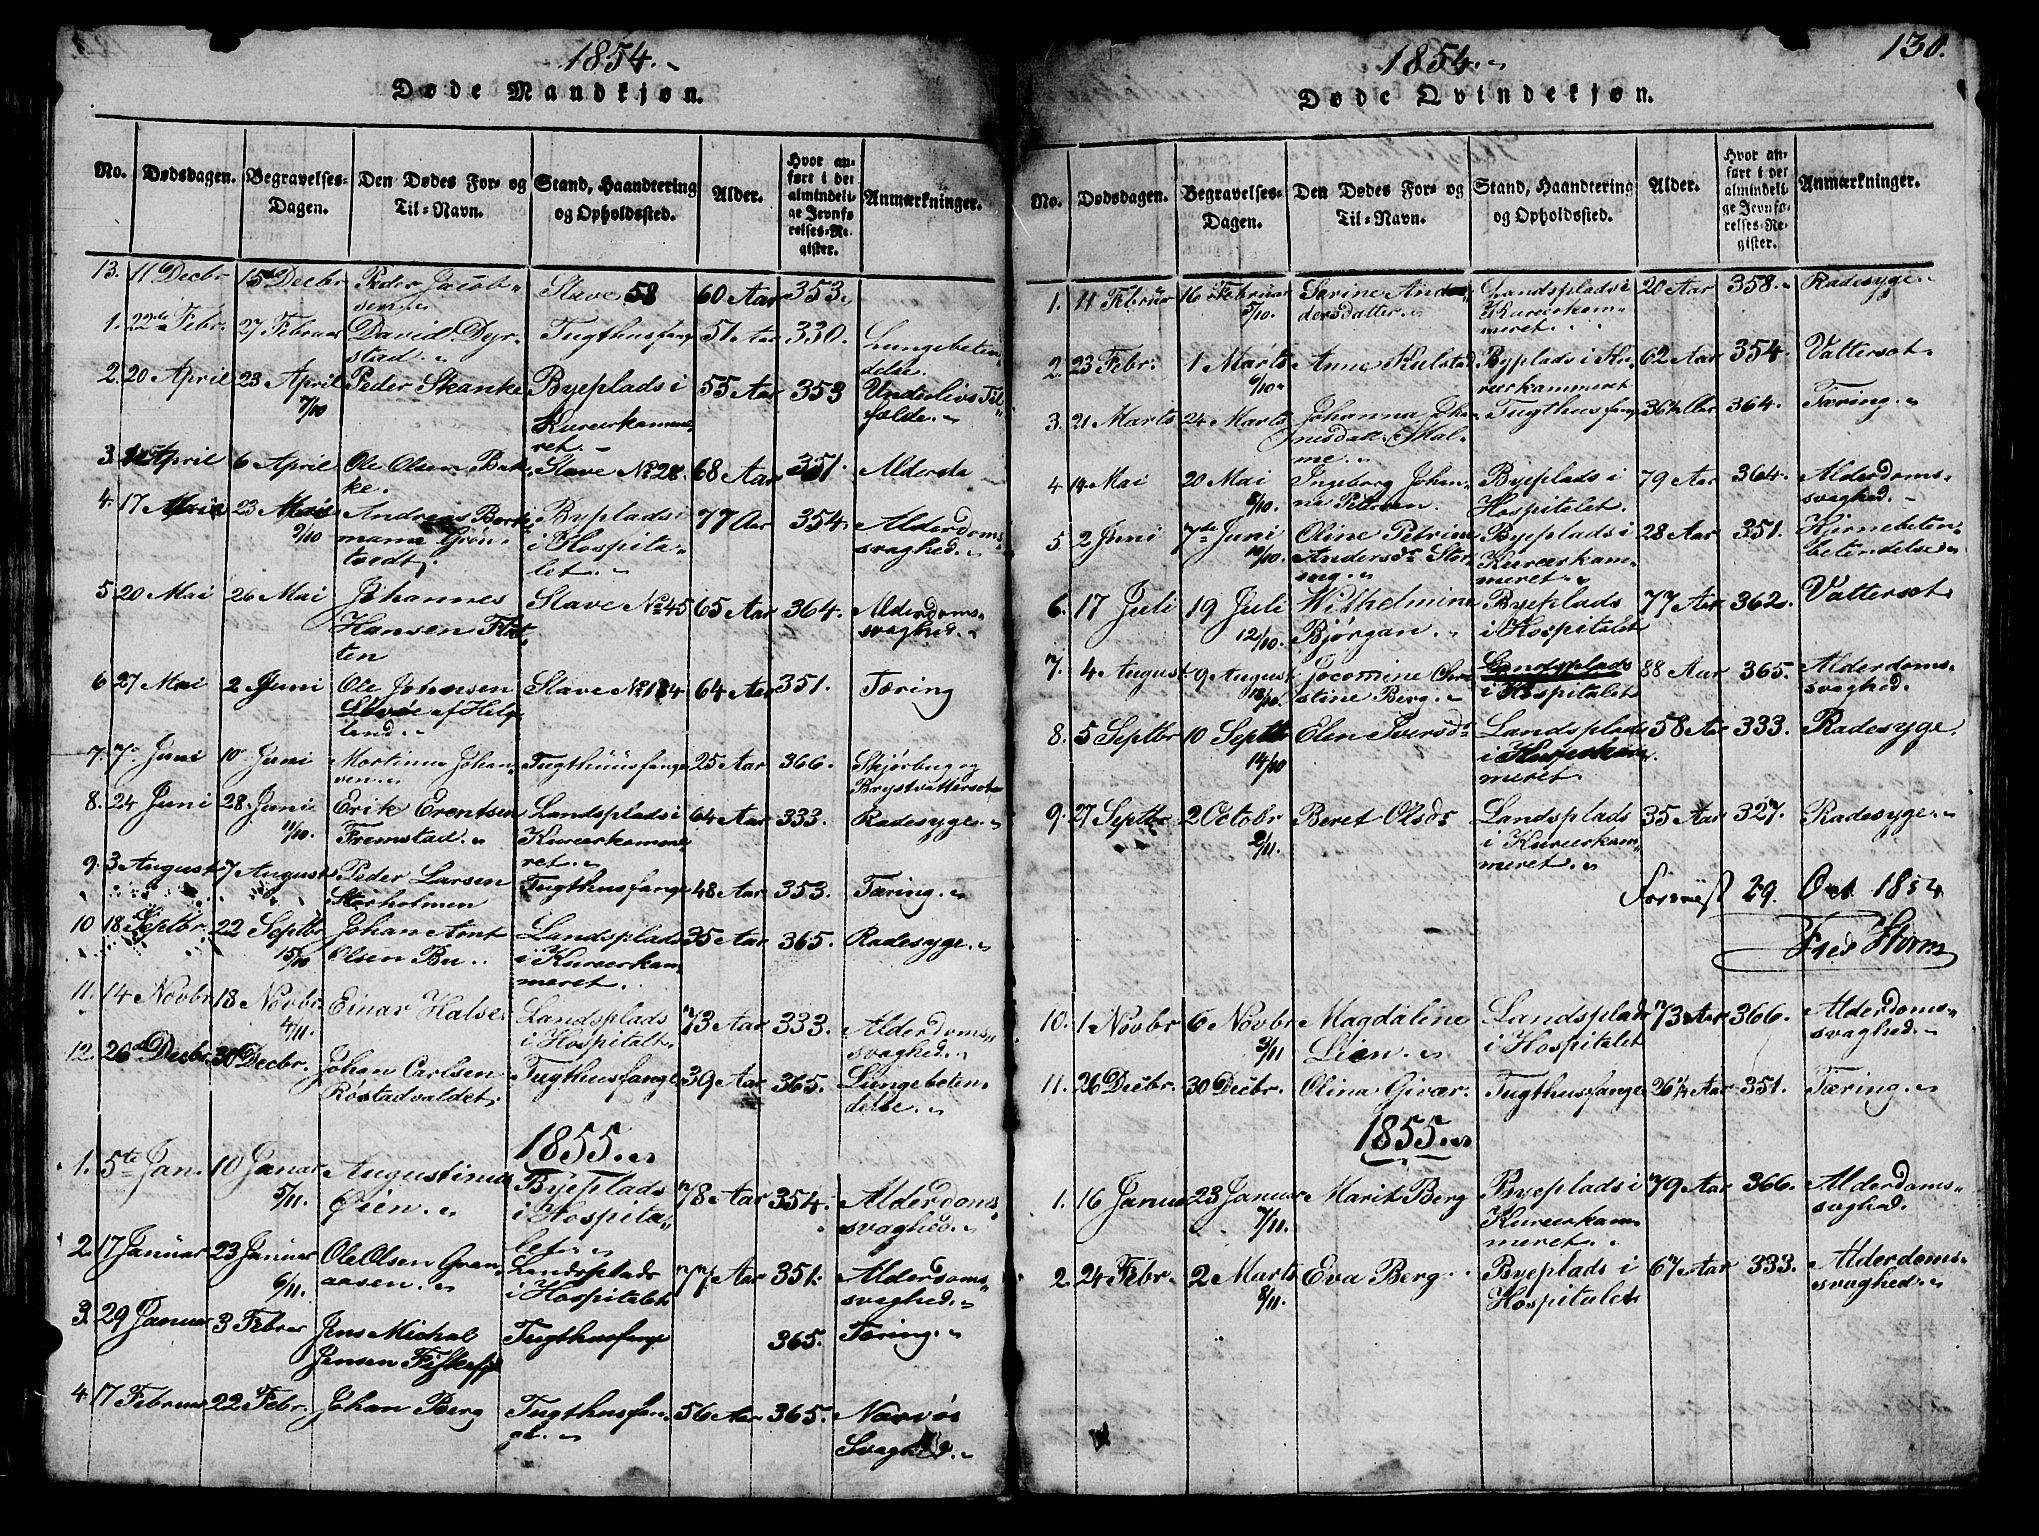 SAT, Ministerialprotokoller, klokkerbøker og fødselsregistre - Sør-Trøndelag, 623/L0478: Klokkerbok nr. 623C01, 1815-1873, s. 130